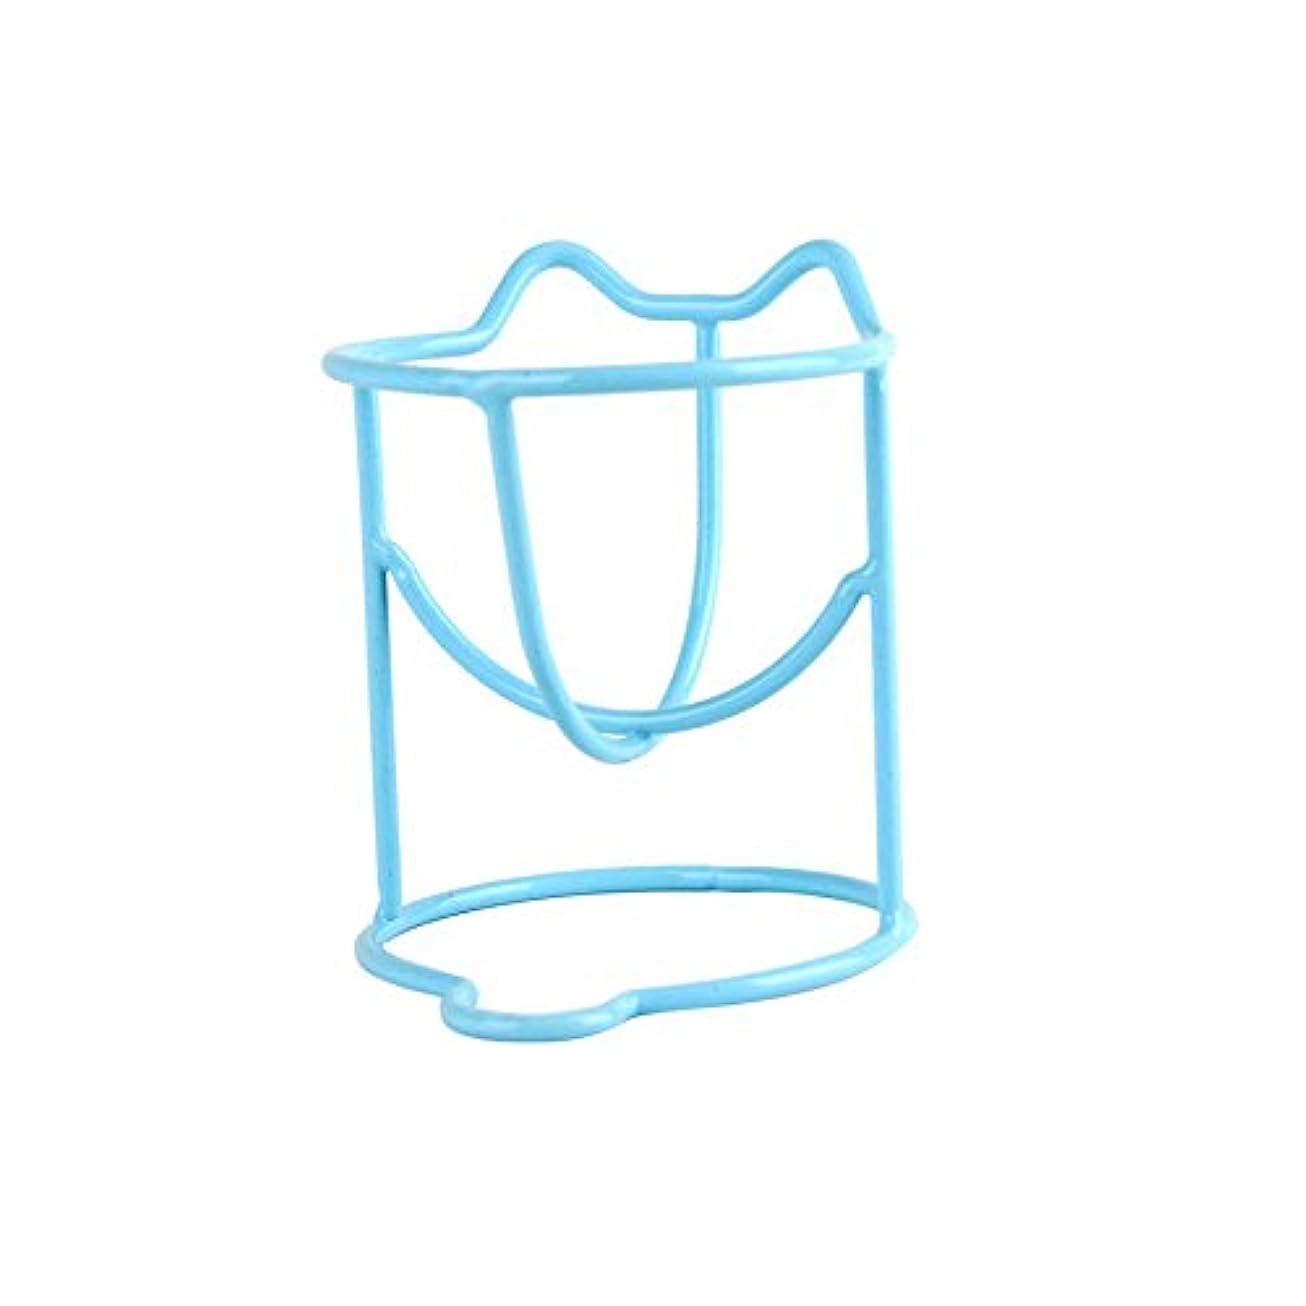 ボックスまともな気難しい2つの乾燥ホルダーラックファッションメイク卵パウダーパフスポンジディスプレイスタンドのセット